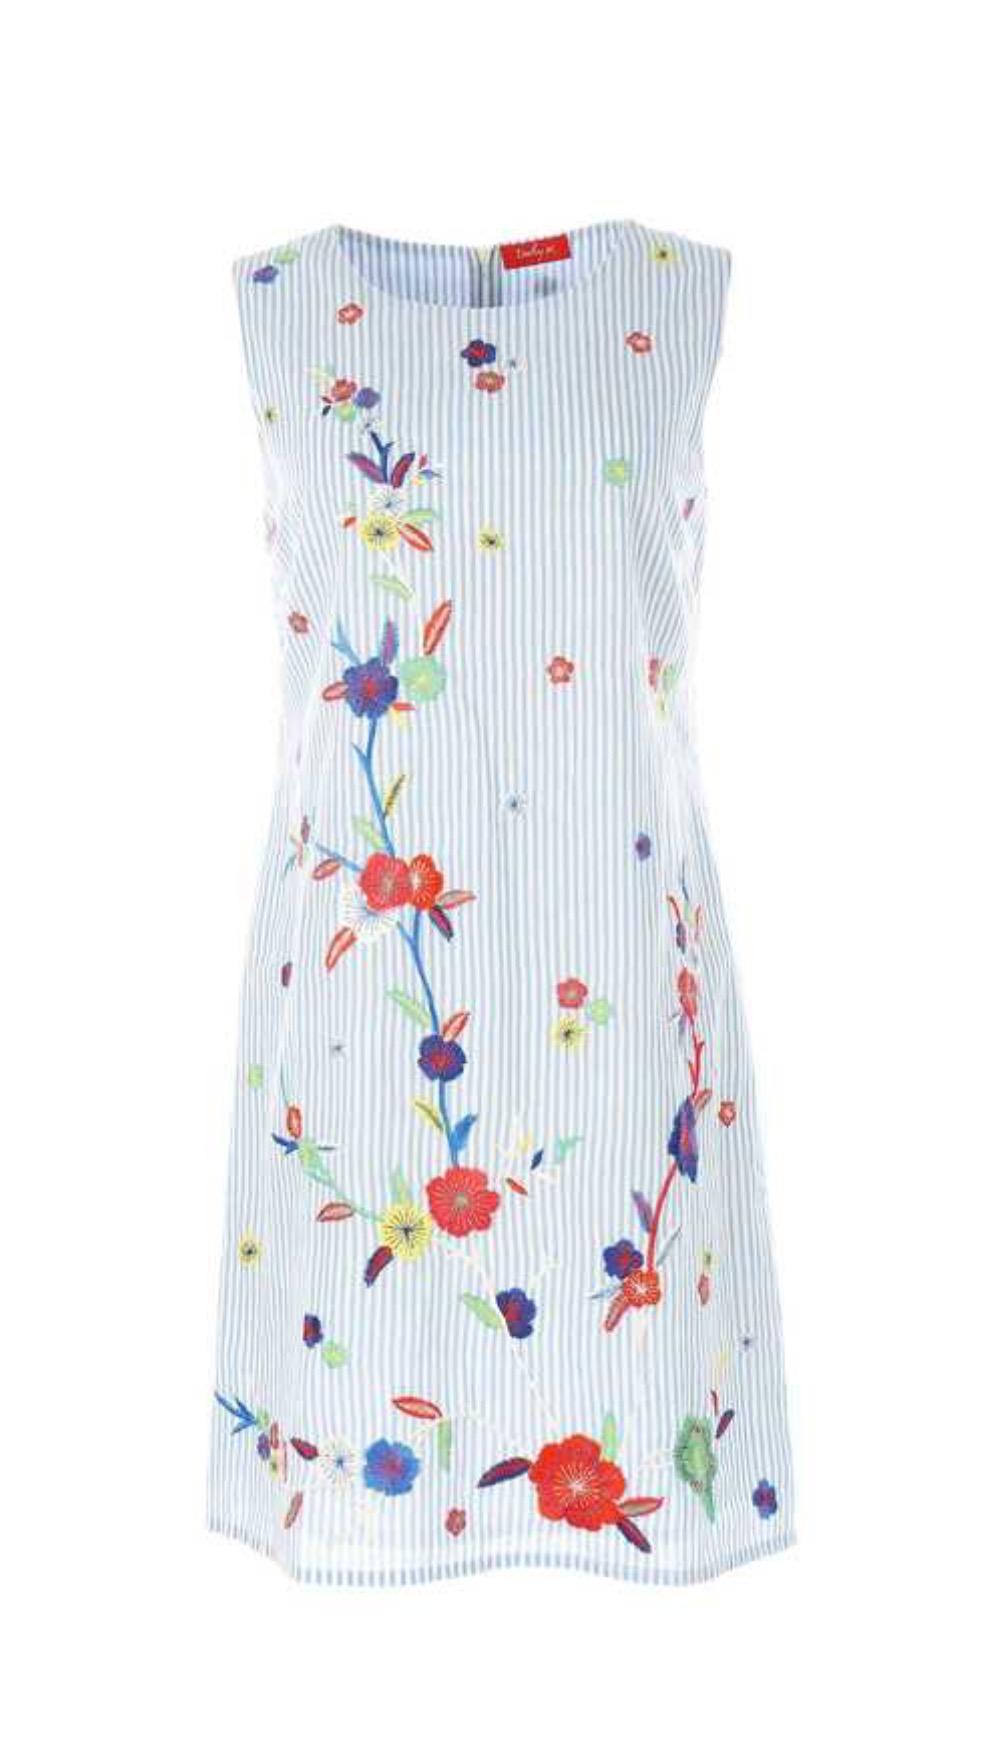 שמלת פסים עם פרחים רקומים בגזרה מתרח